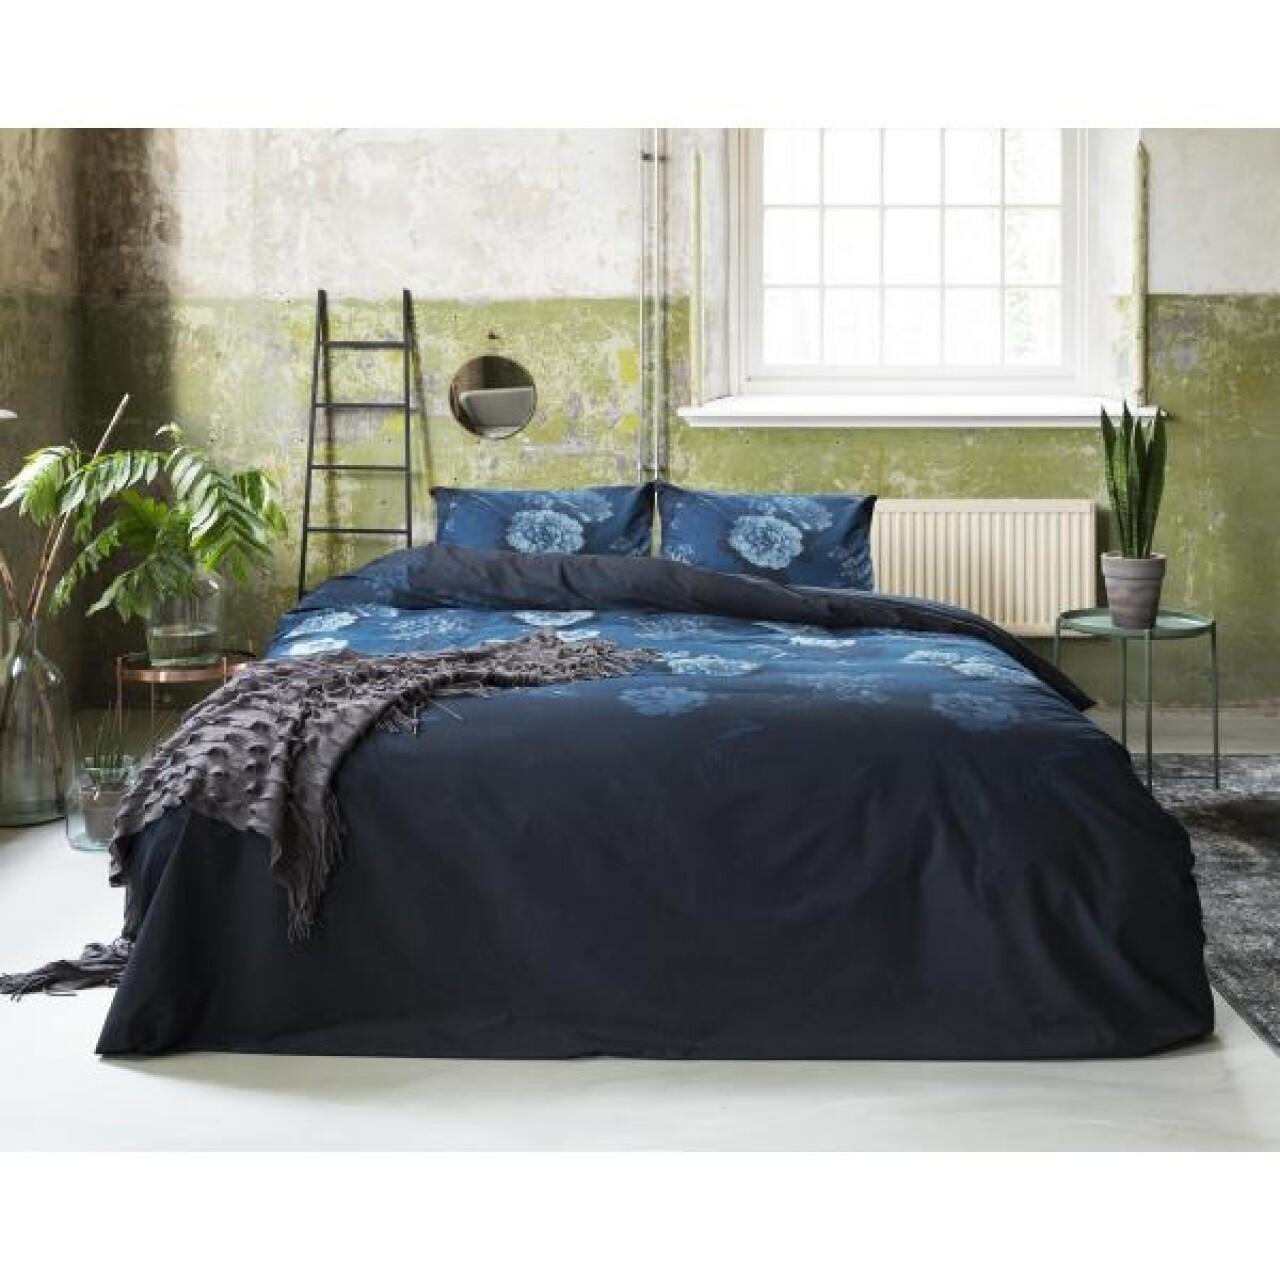 Lenjerie de pat dubla Blue Morning - Primavera Deluxe, Royal Textile, 3 piese, 240 x 260 cm, 100% bumbac, multicolor